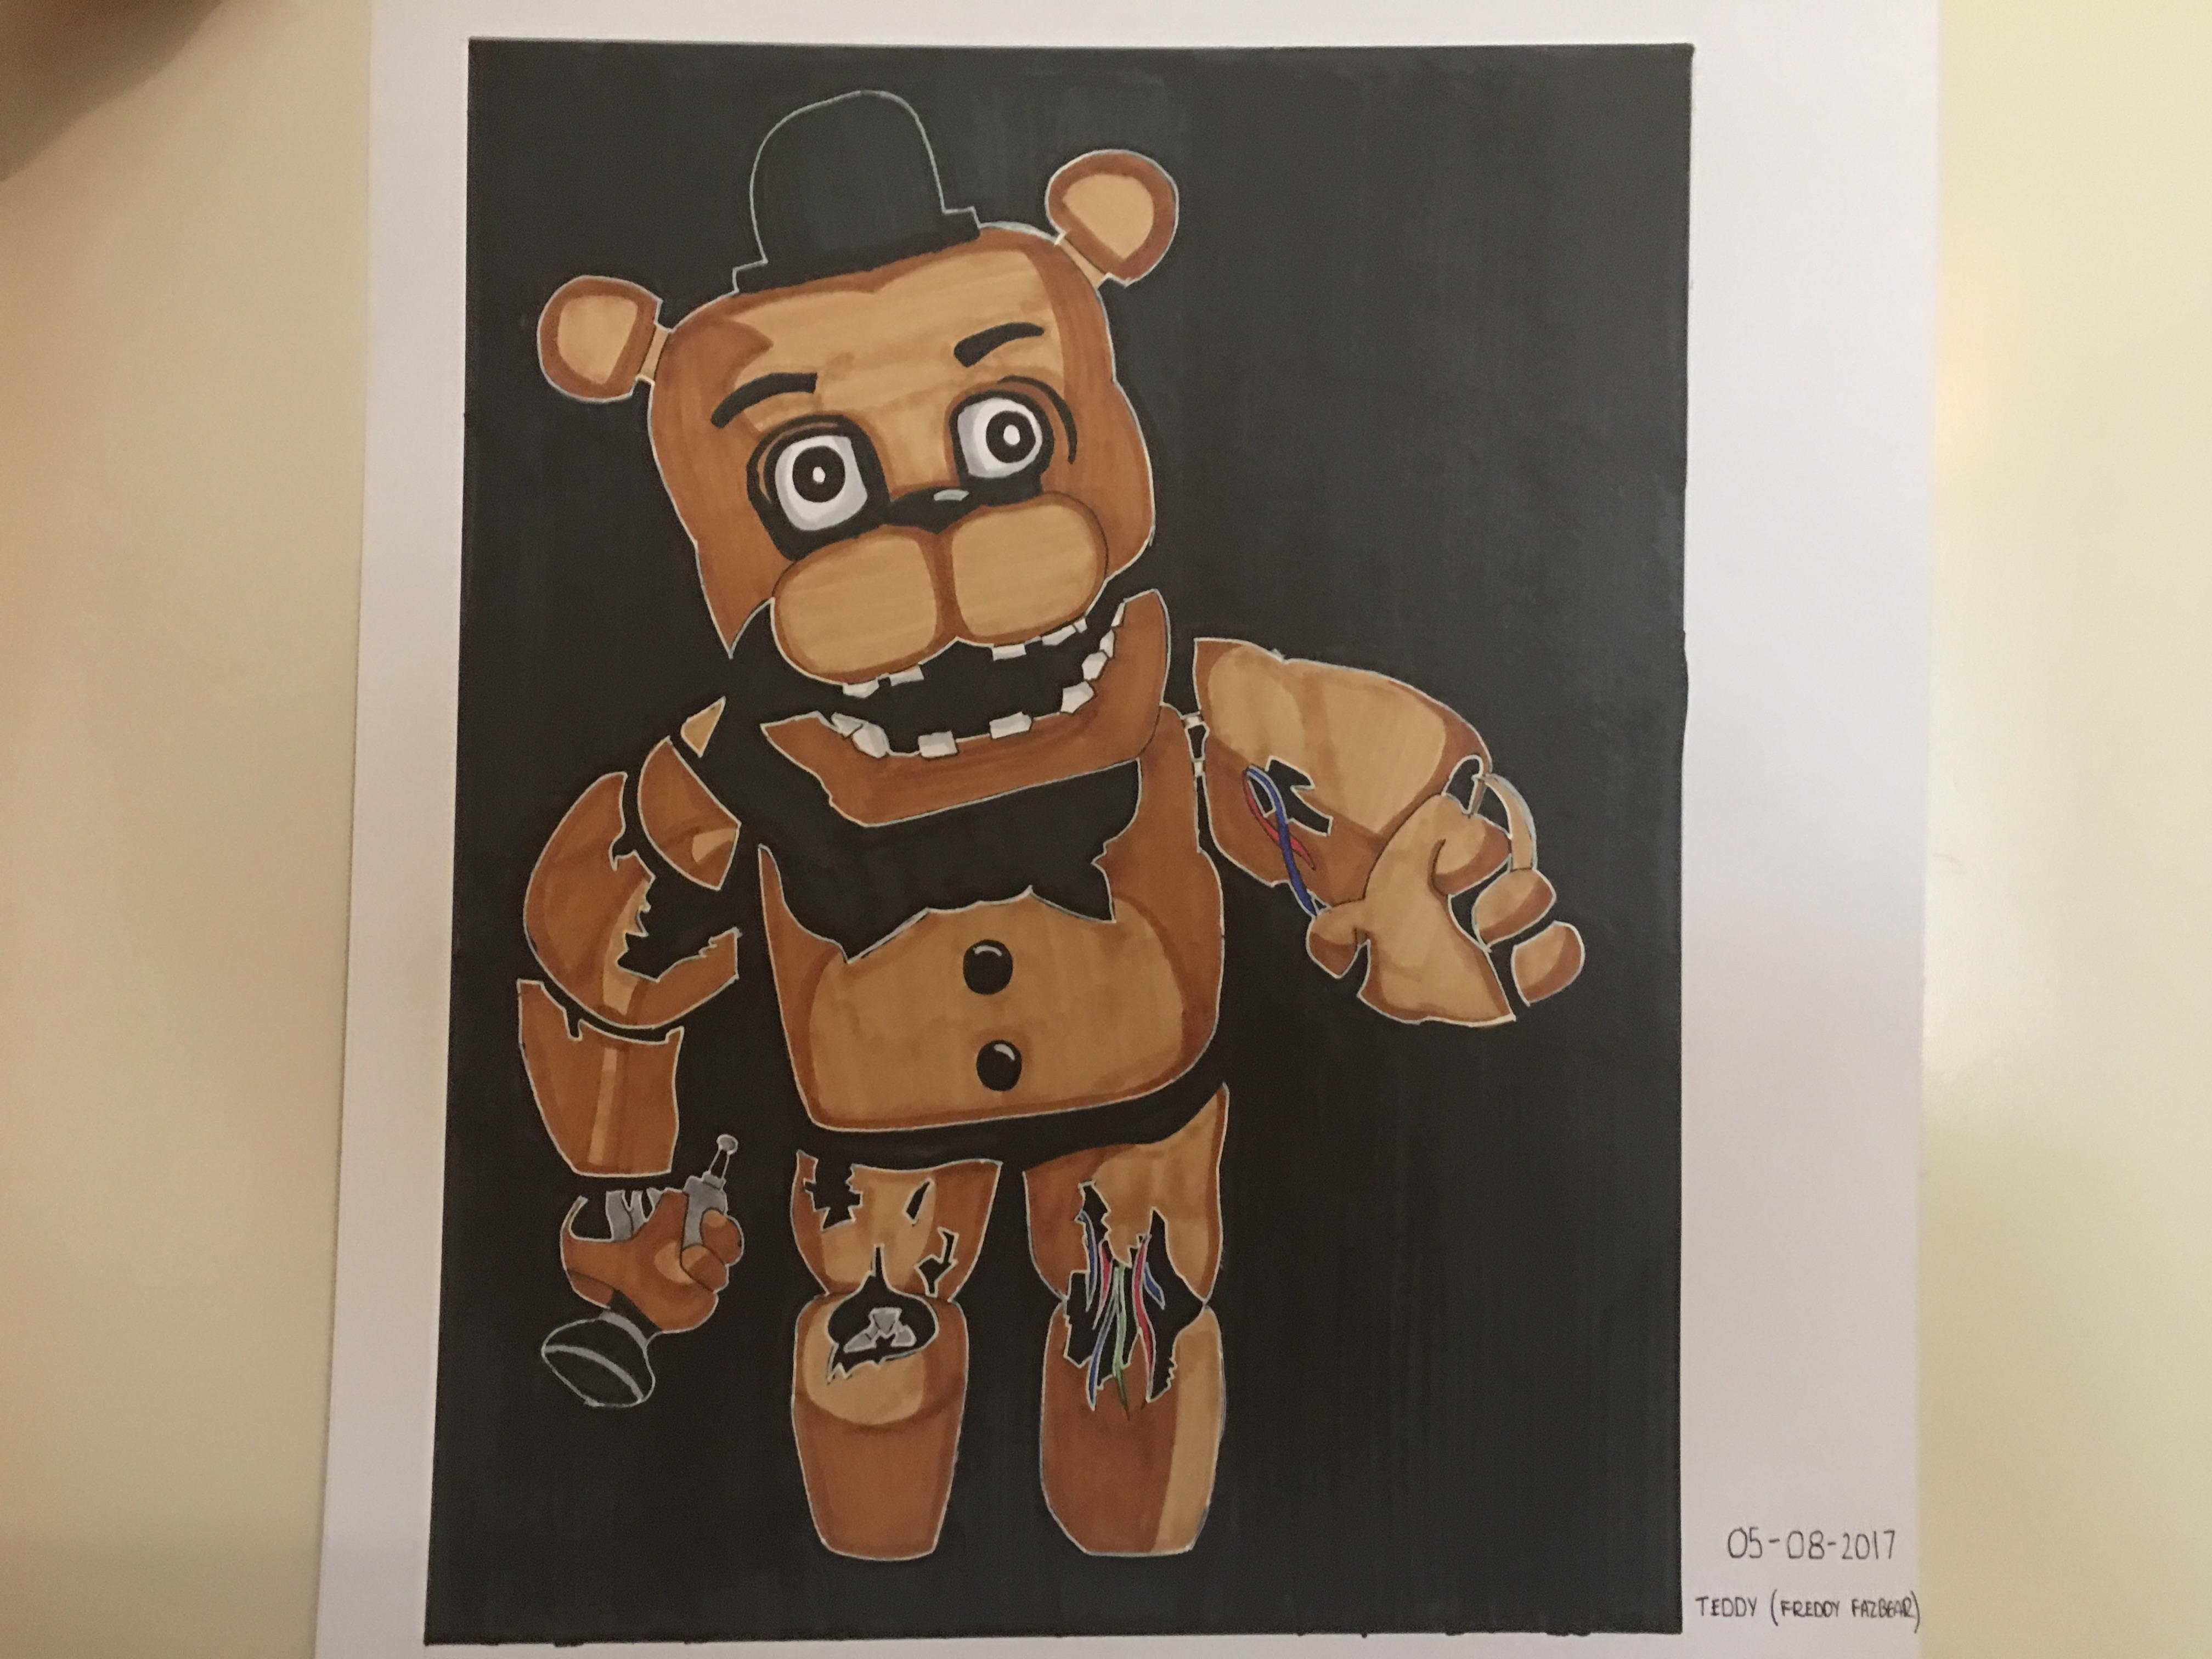 Freddy Fazbear - FNAF